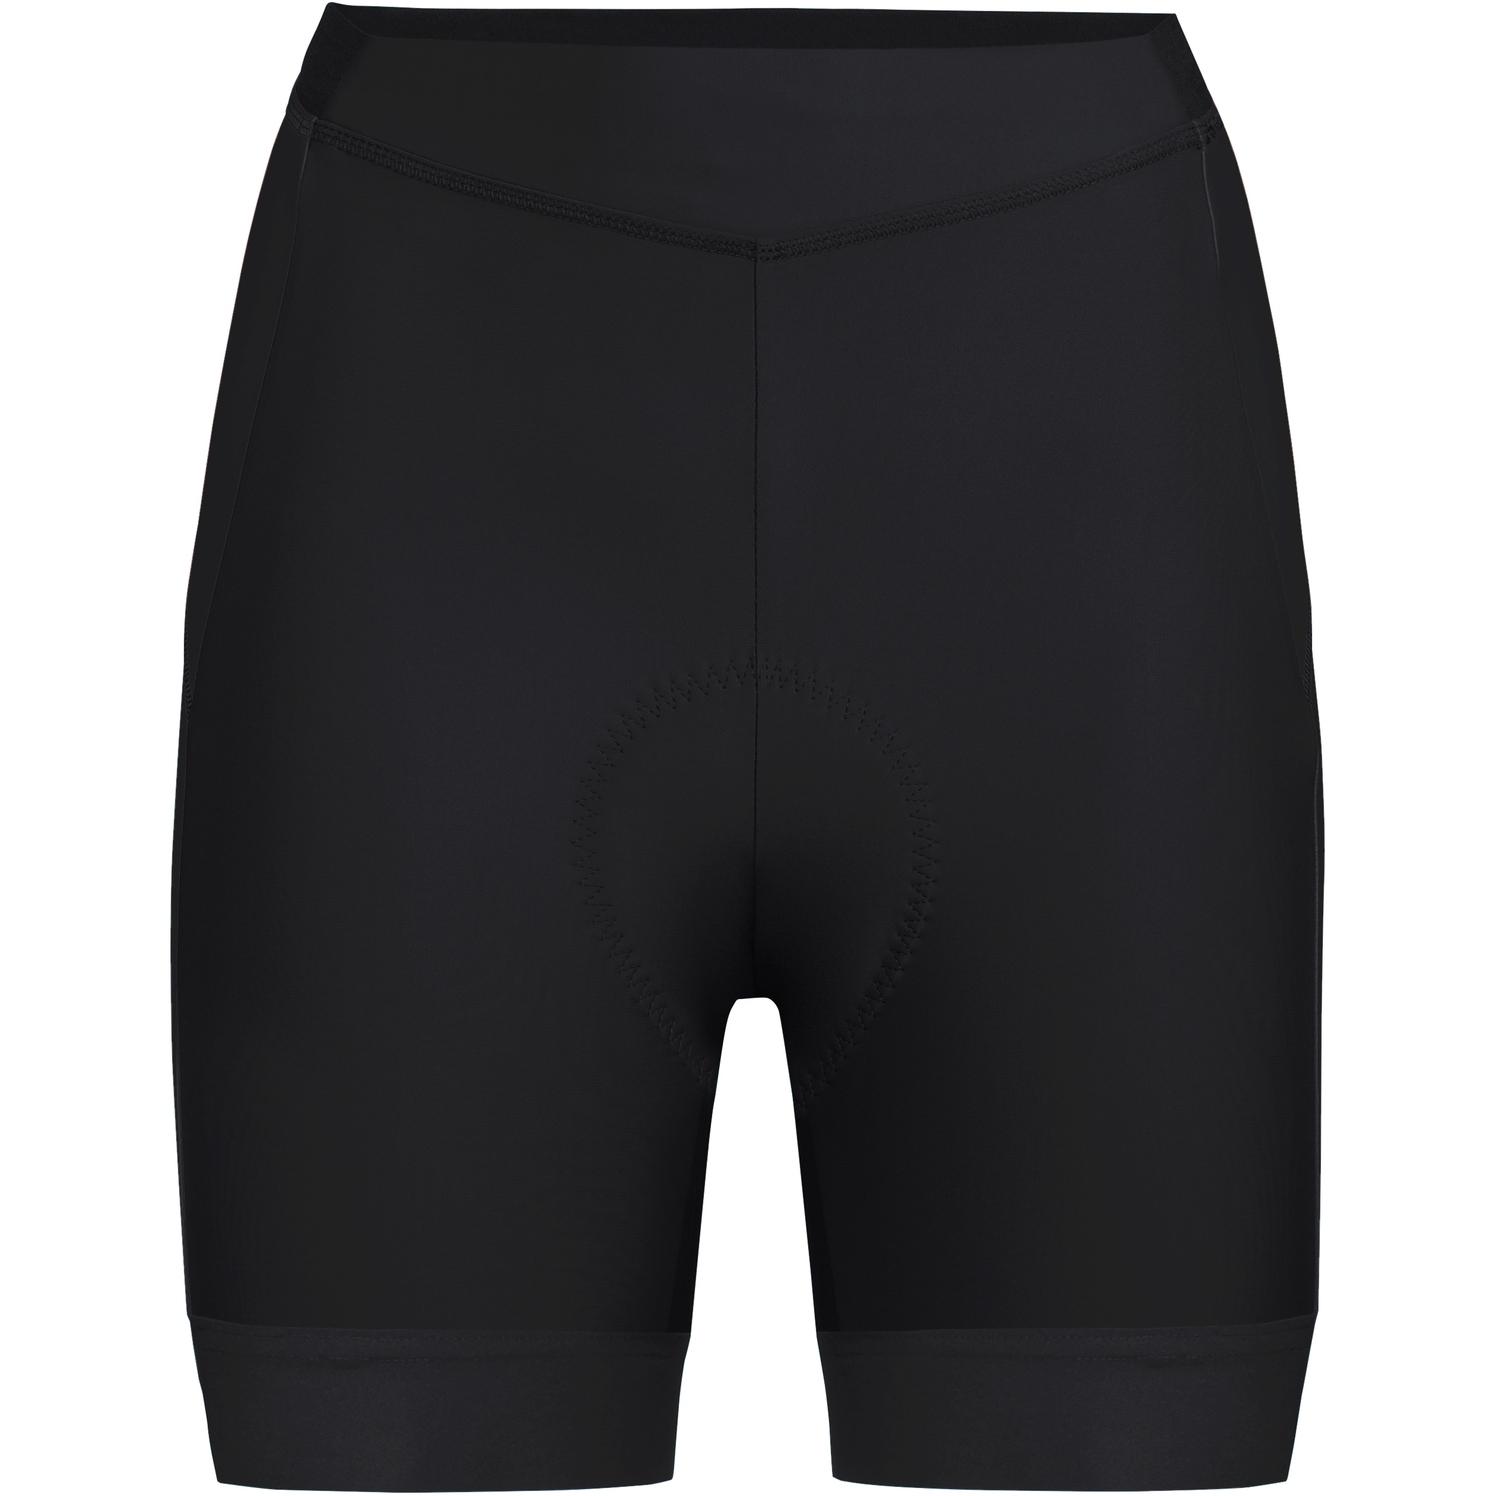 Bild von Vaude Advanced Damen Shorts IV - black